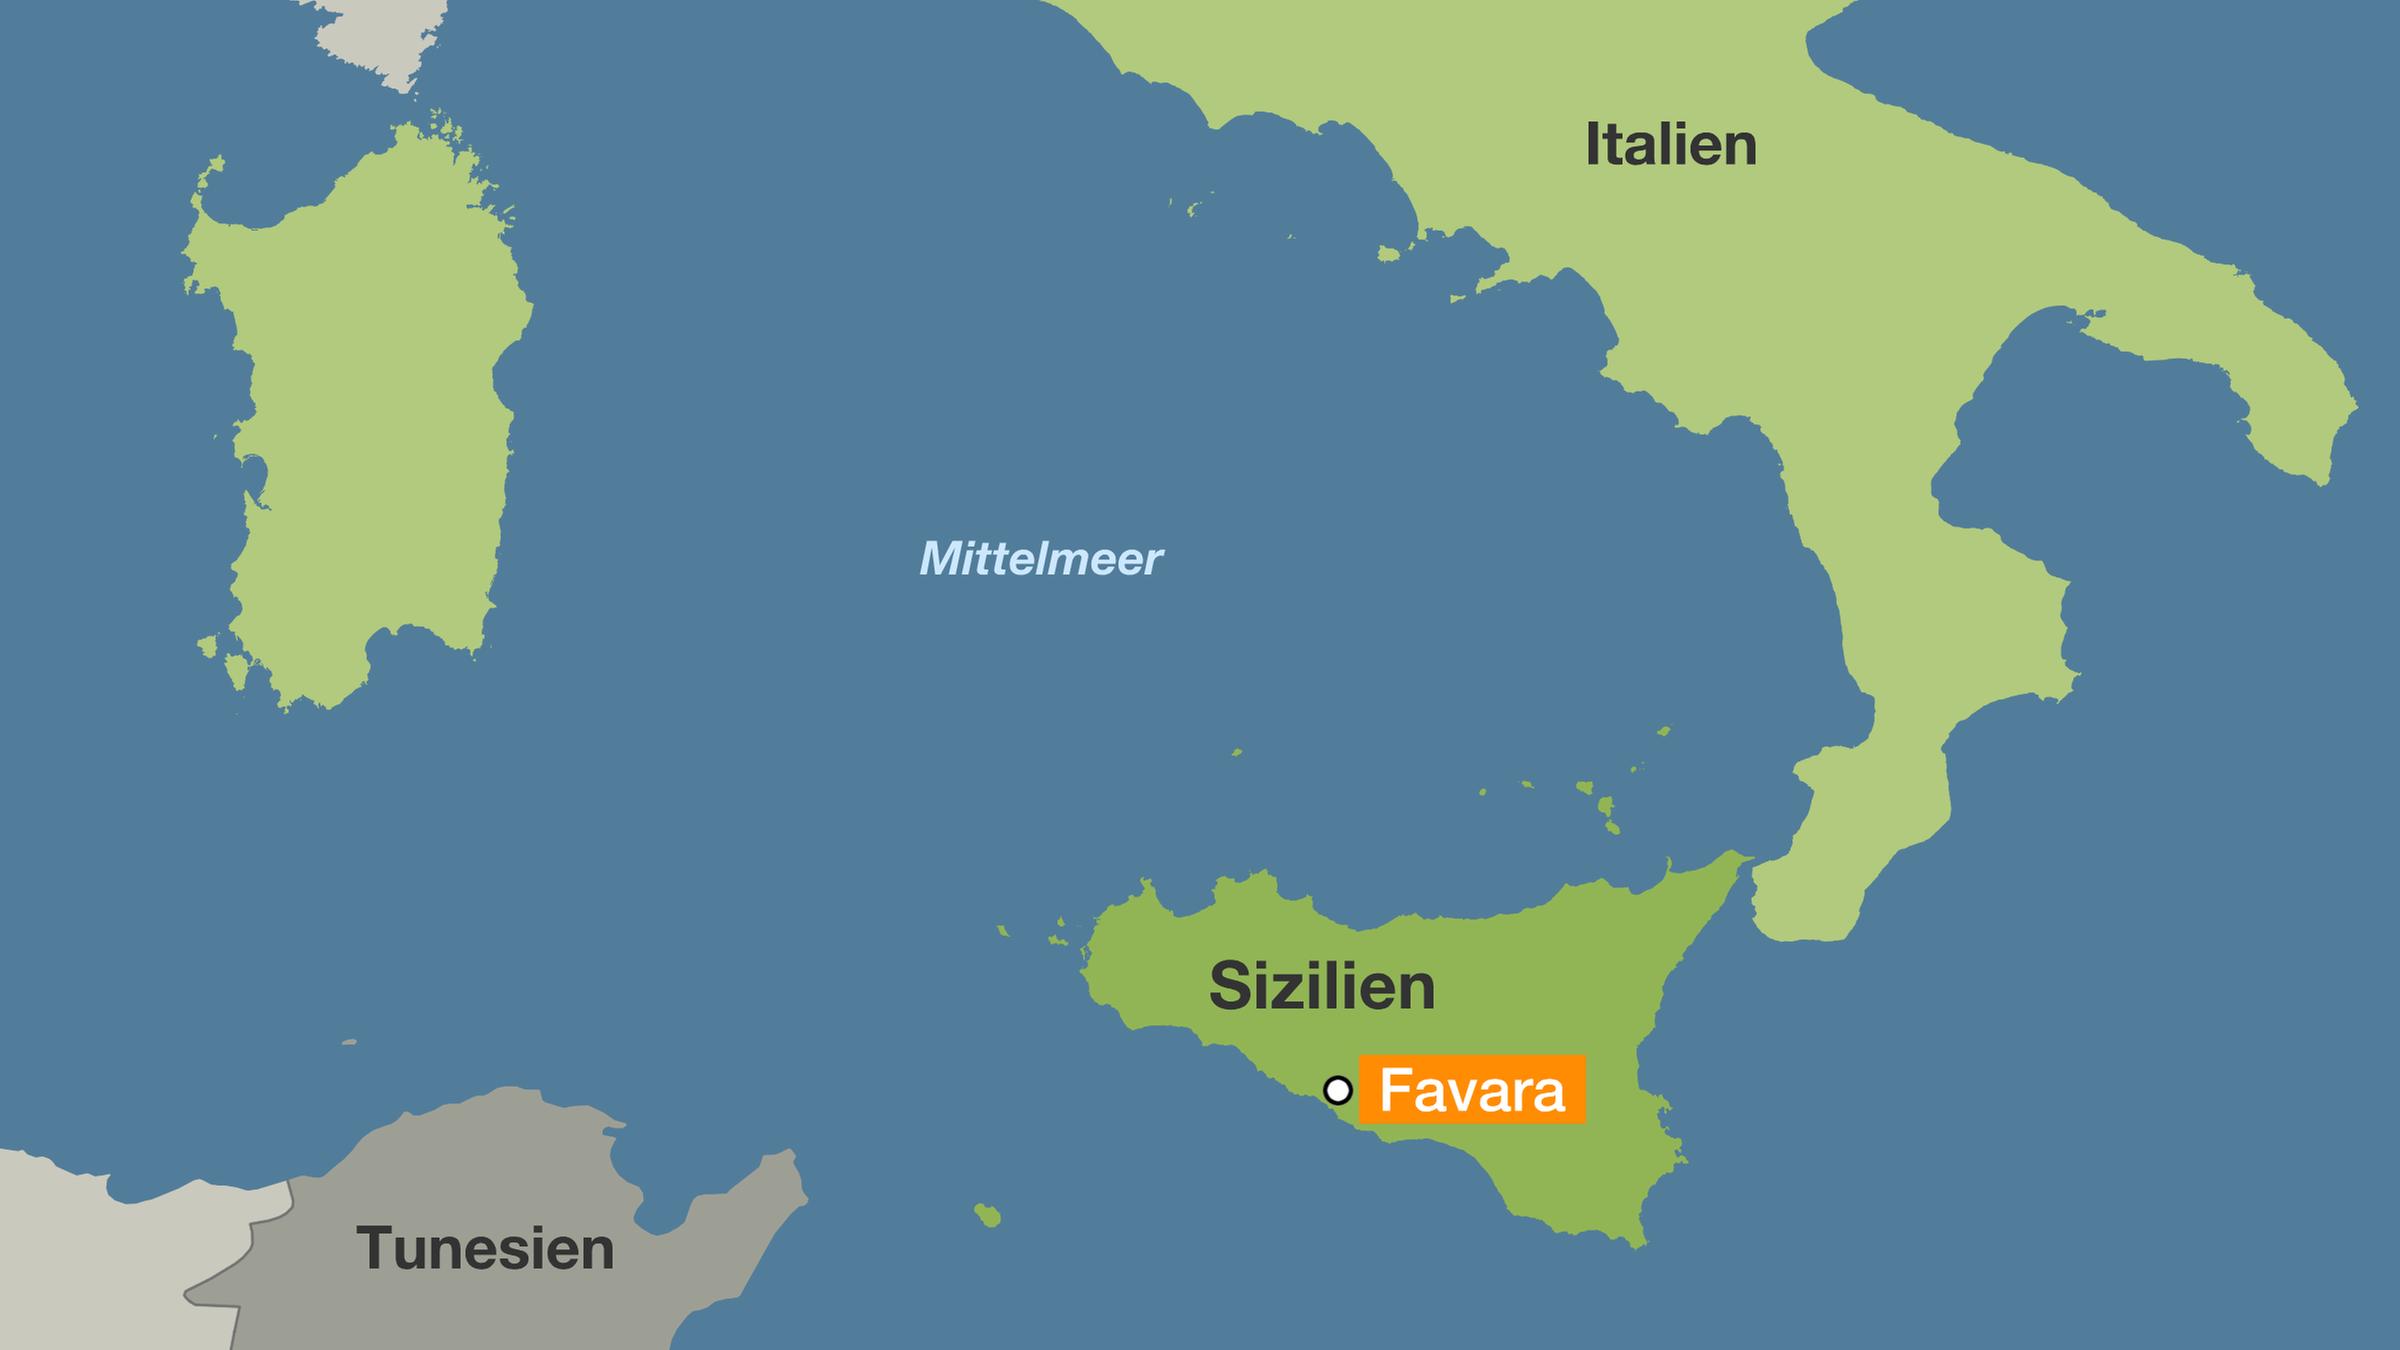 Bildergebnis für favara sizilien